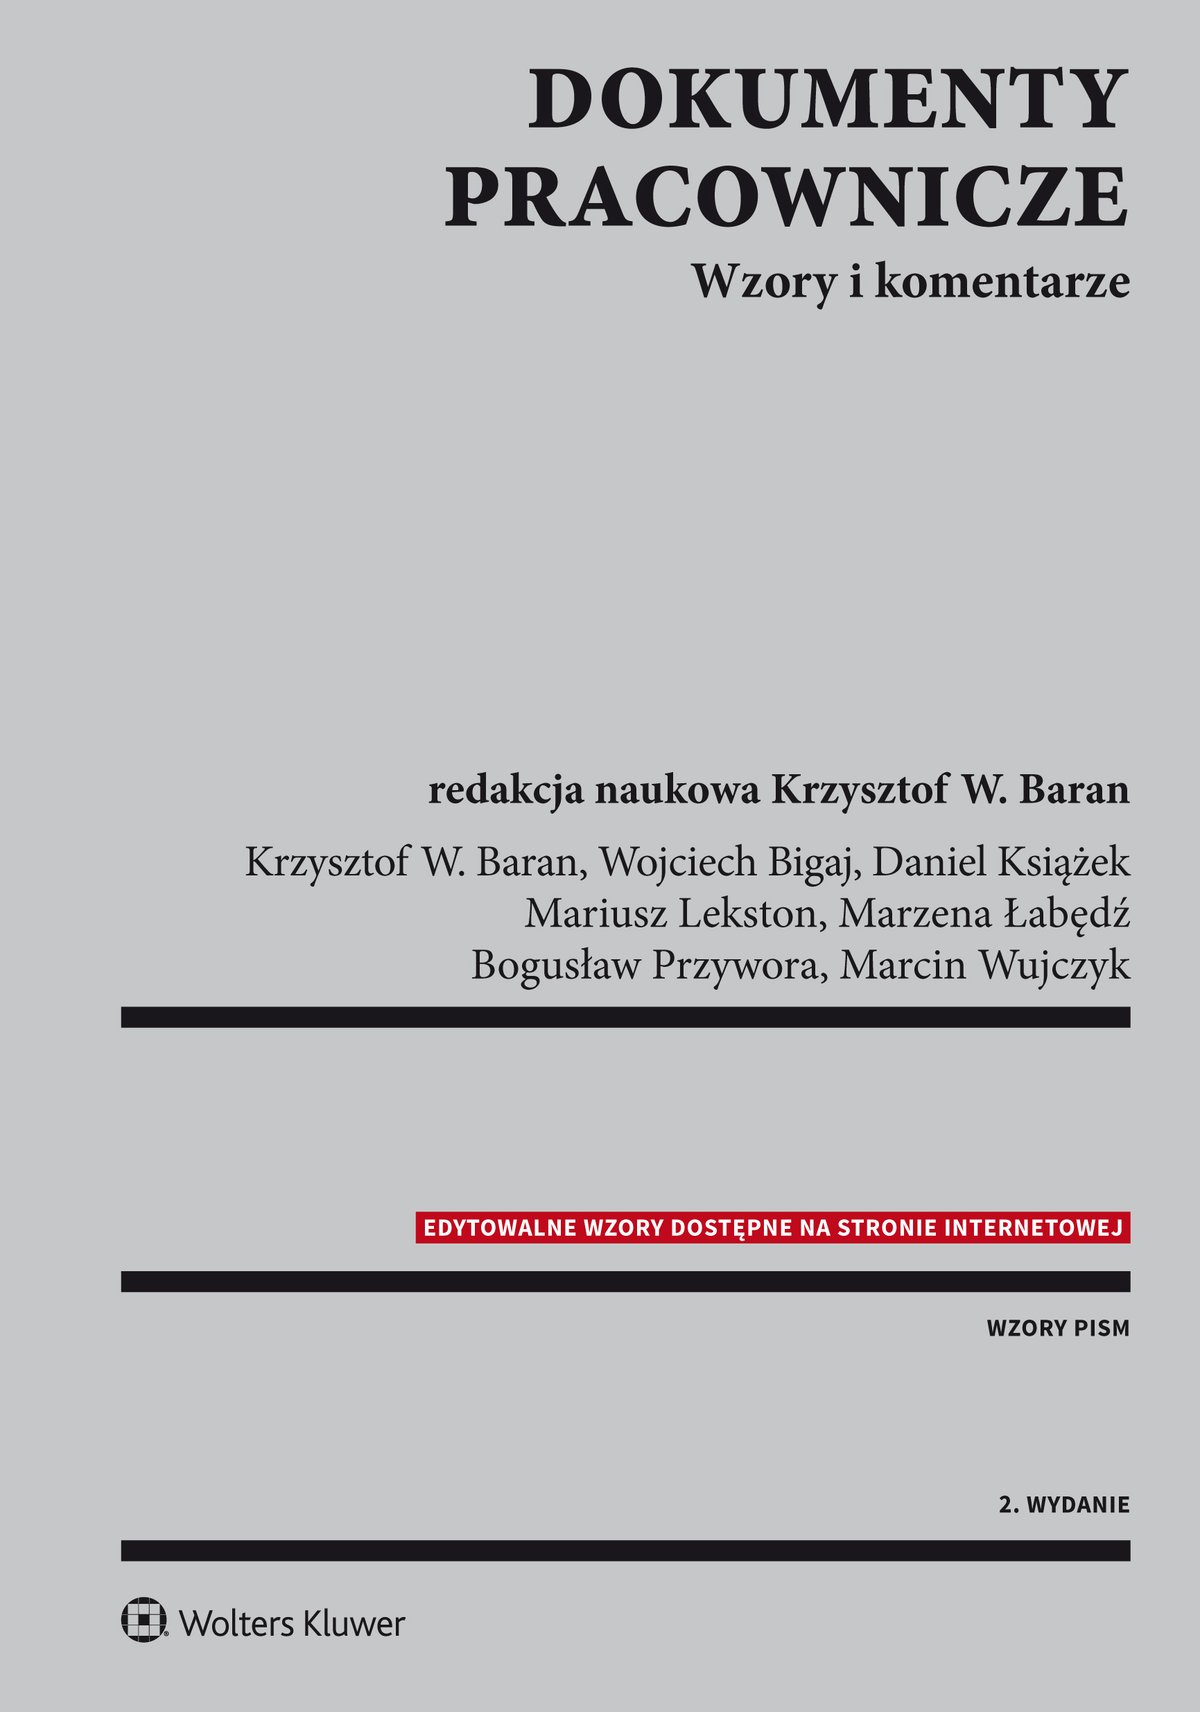 Dokumenty pracownicze. Wzory i komentarze - Ebook (Książka EPUB) do pobrania w formacie EPUB